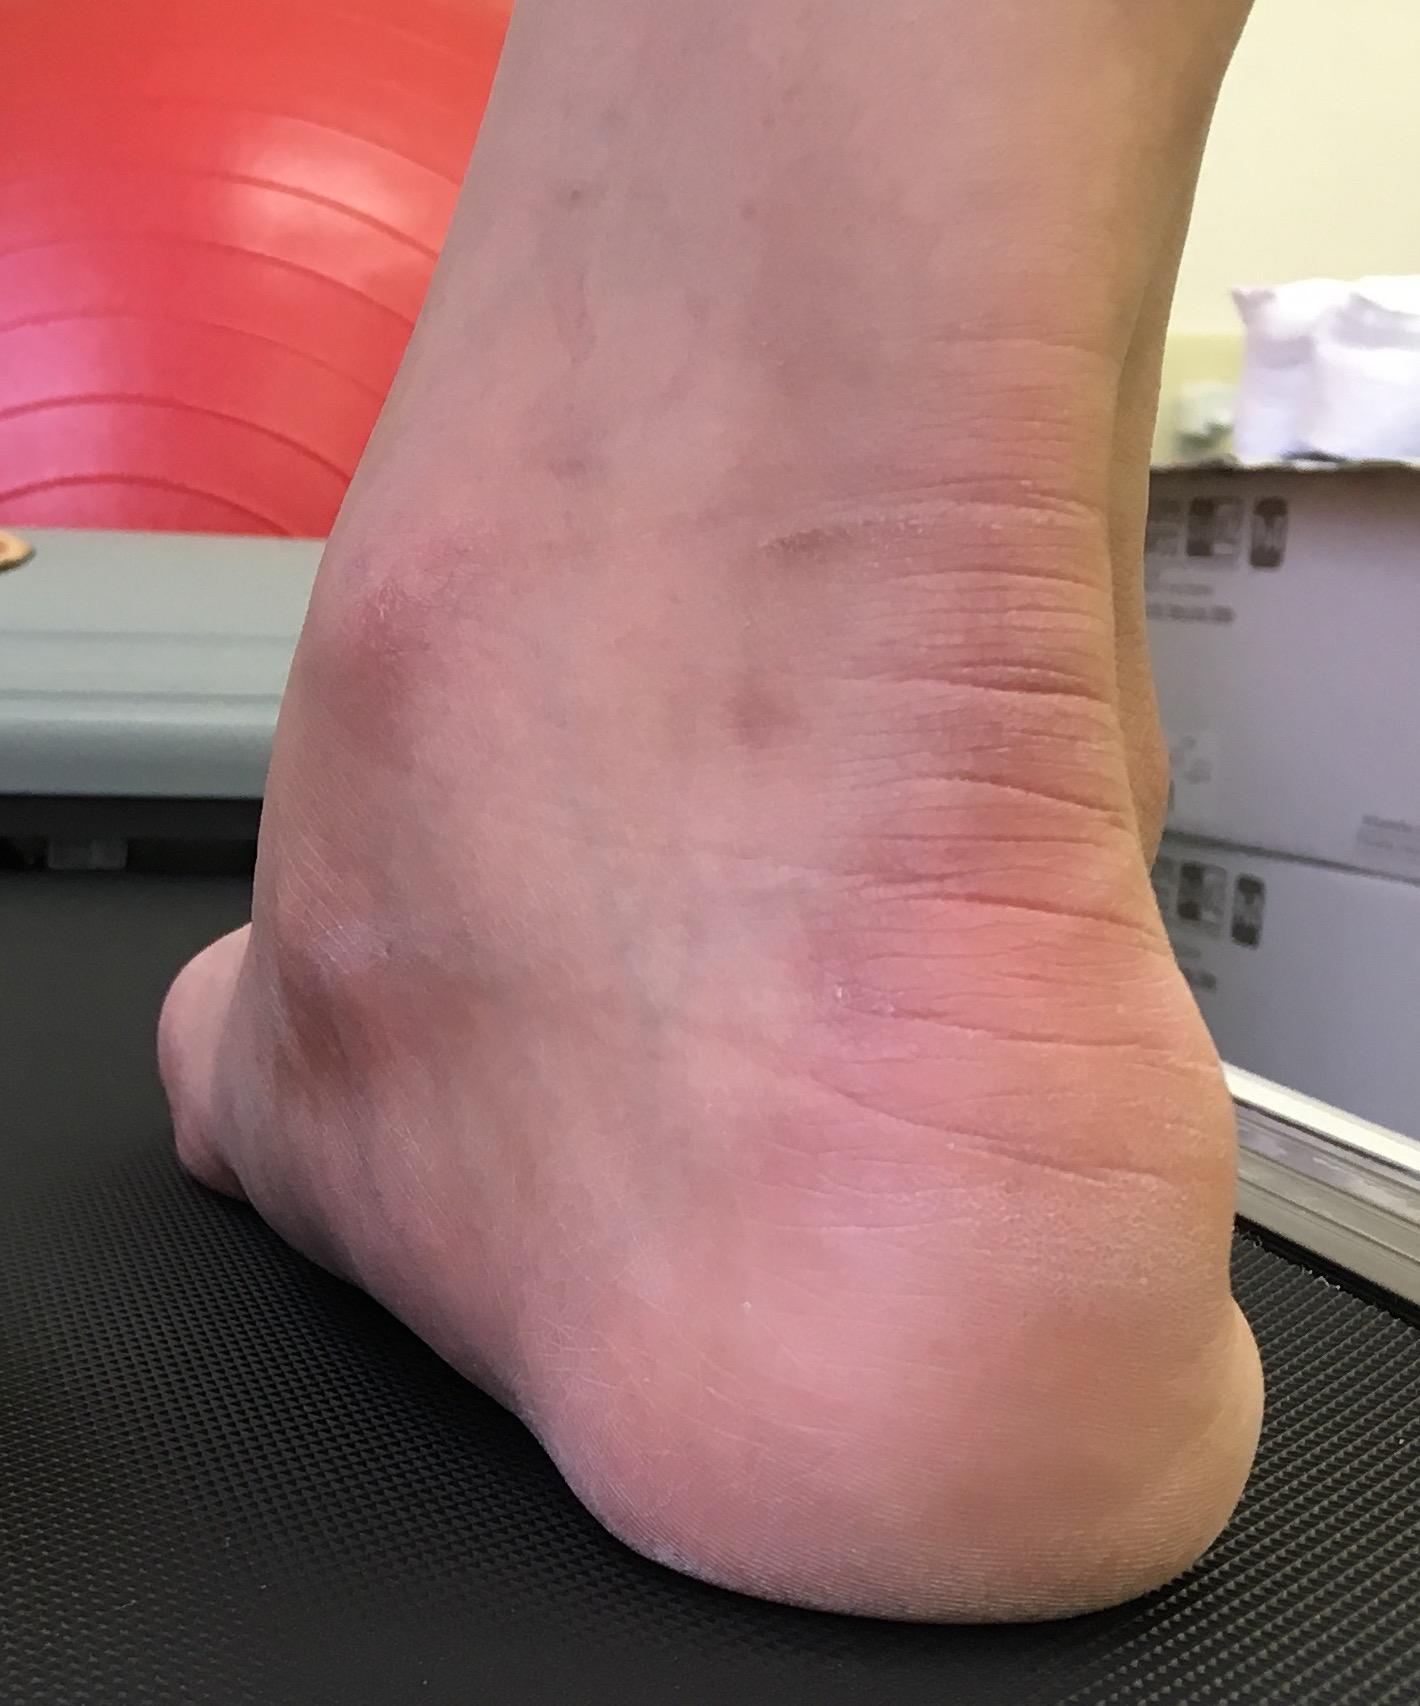 後脛骨筋障害